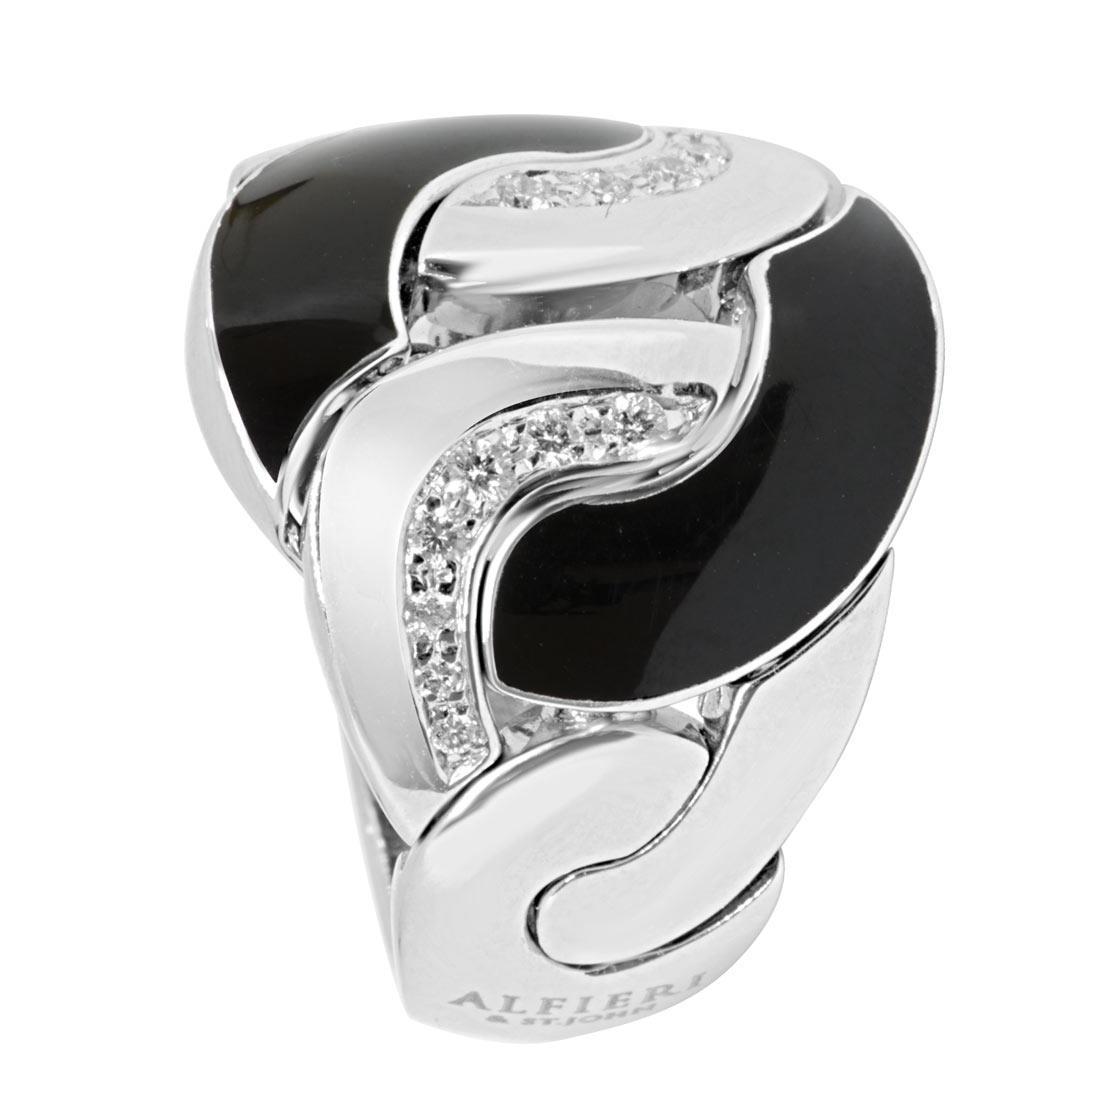 Anello in oro bianco con diamanti e smalto nero mis 15 - ALFIERI ST JOHN